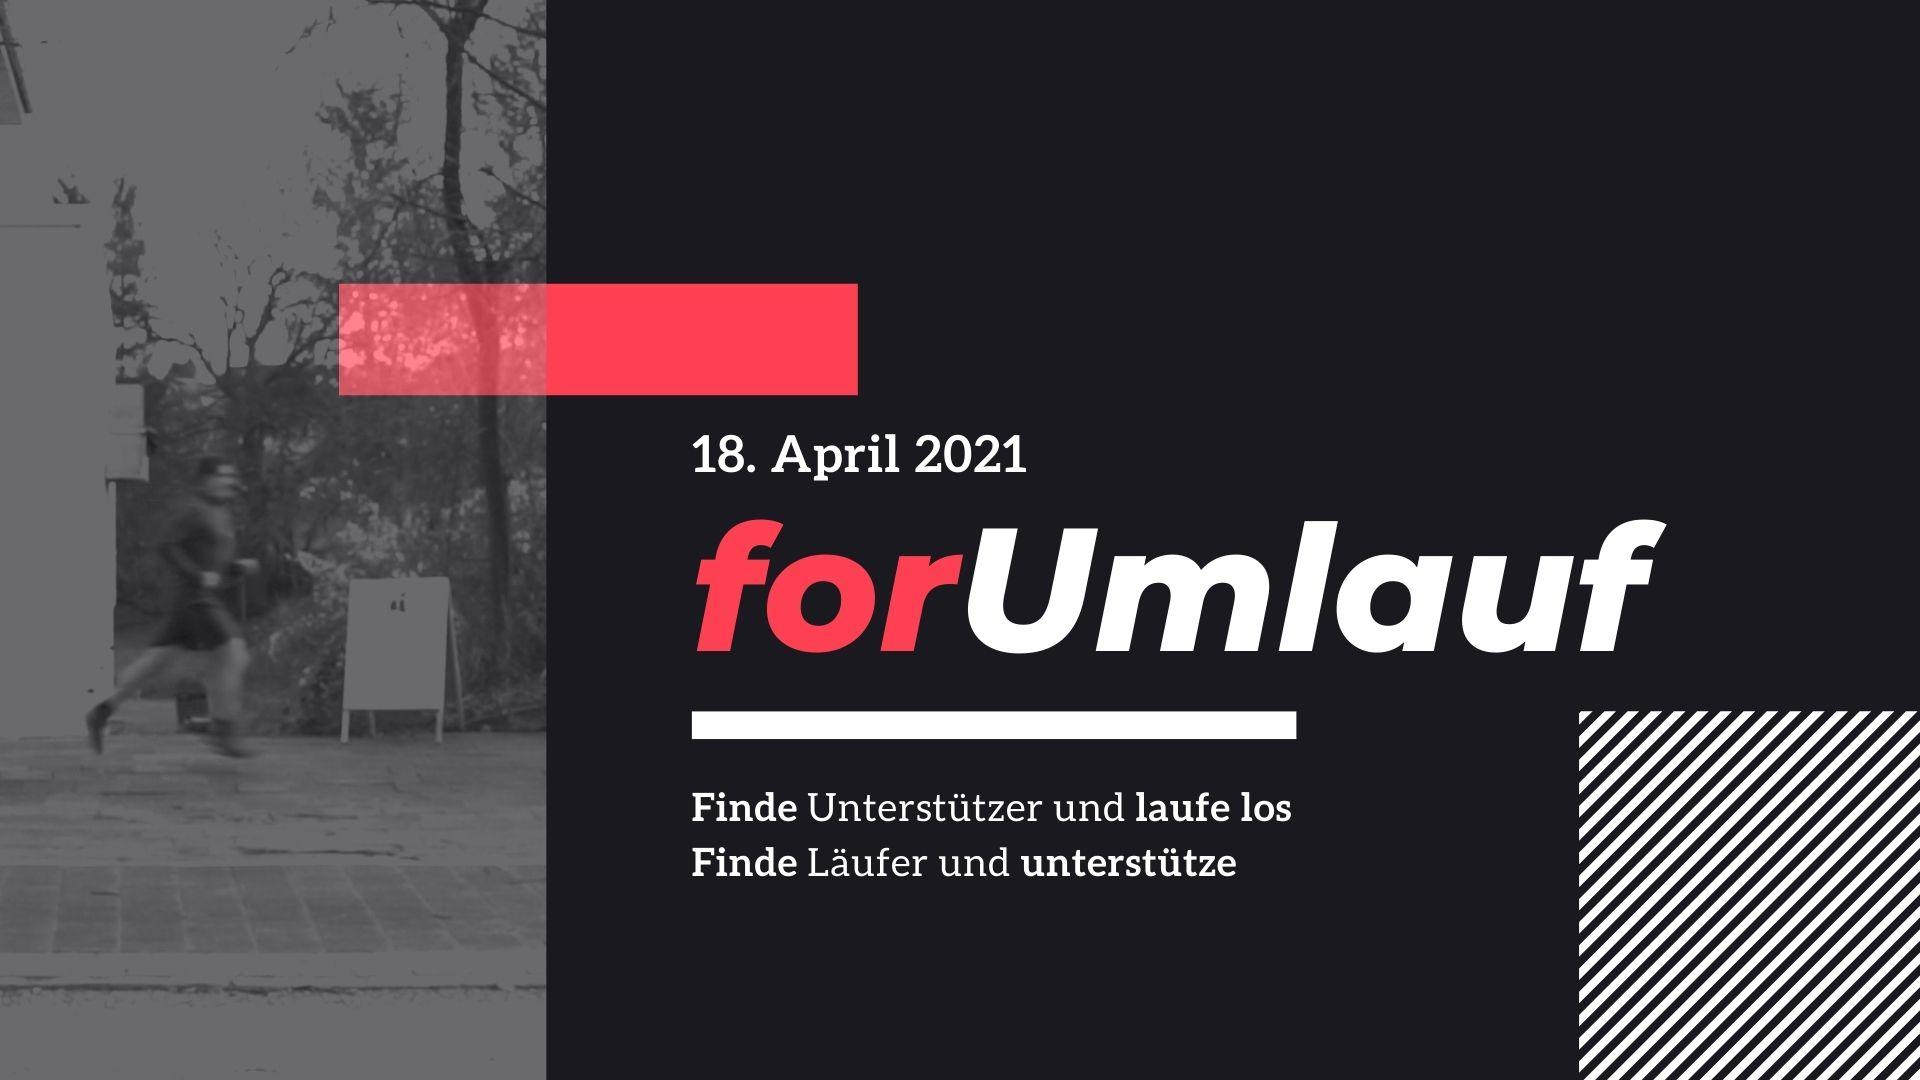 forUmlauf Spendenlauf am 18. April